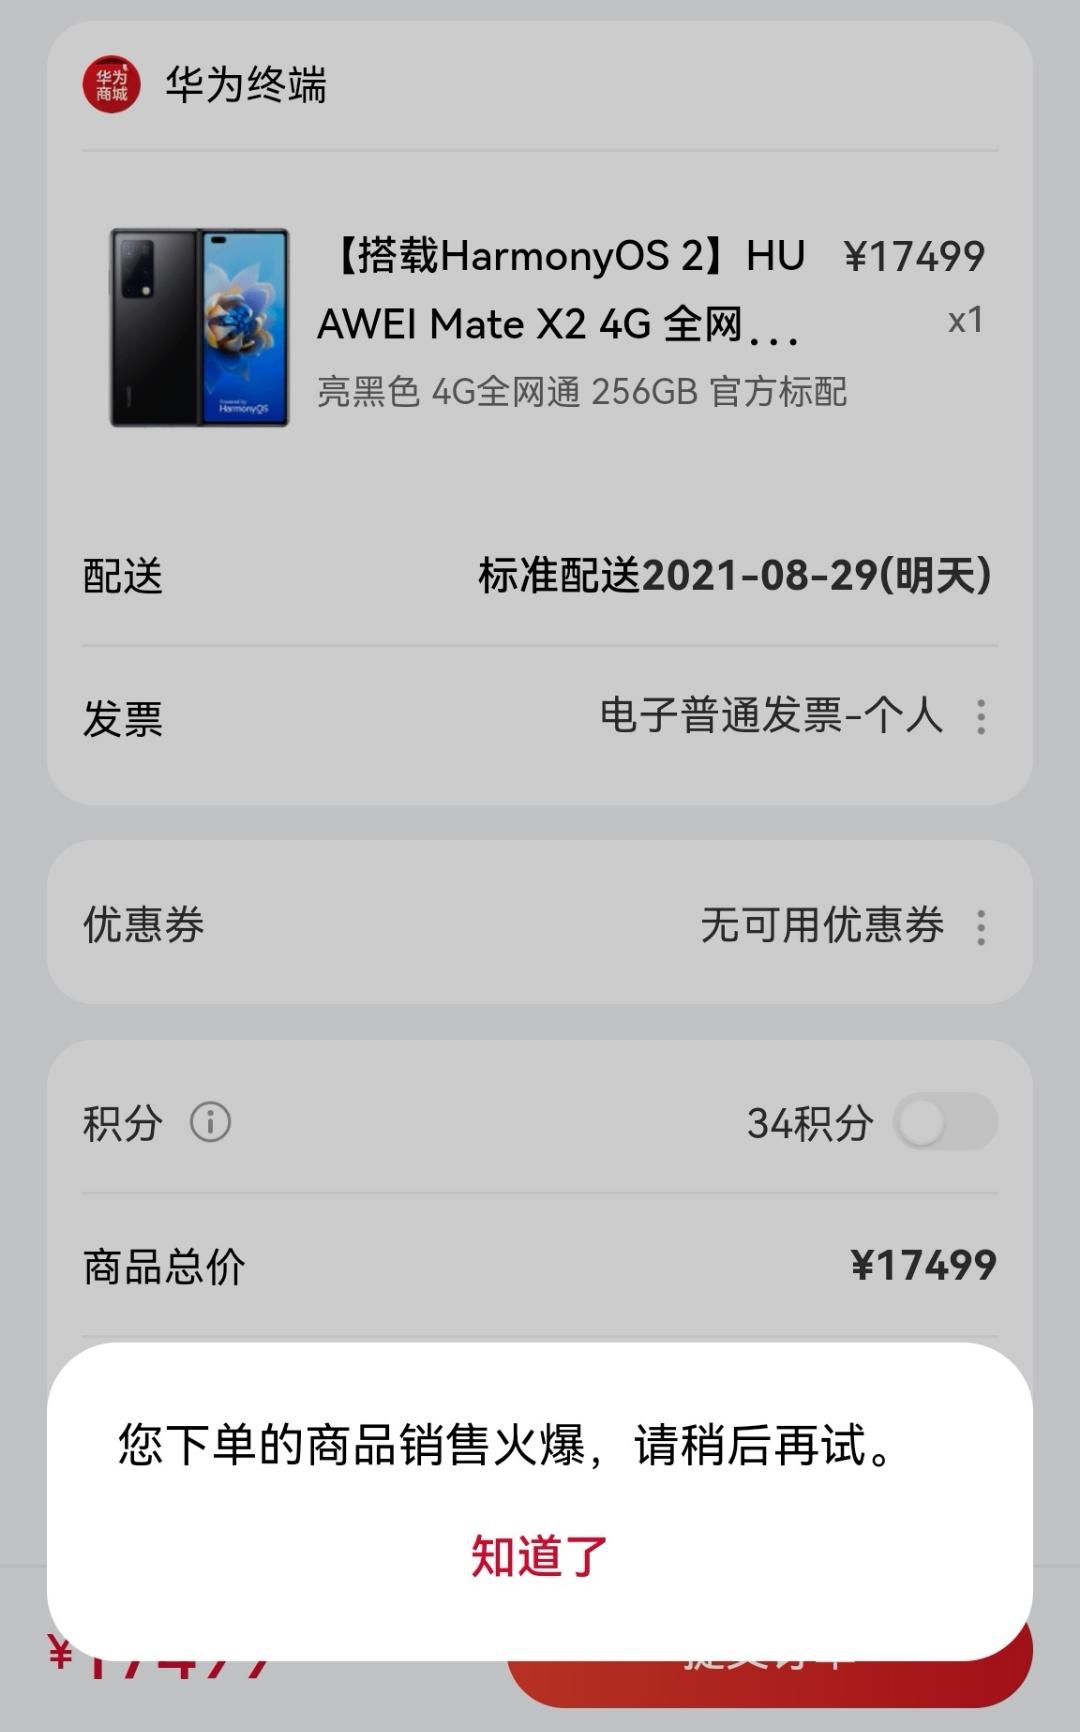 Screenshot_20210828_013812_com.vmall.client_edit_293229784207339.jpg